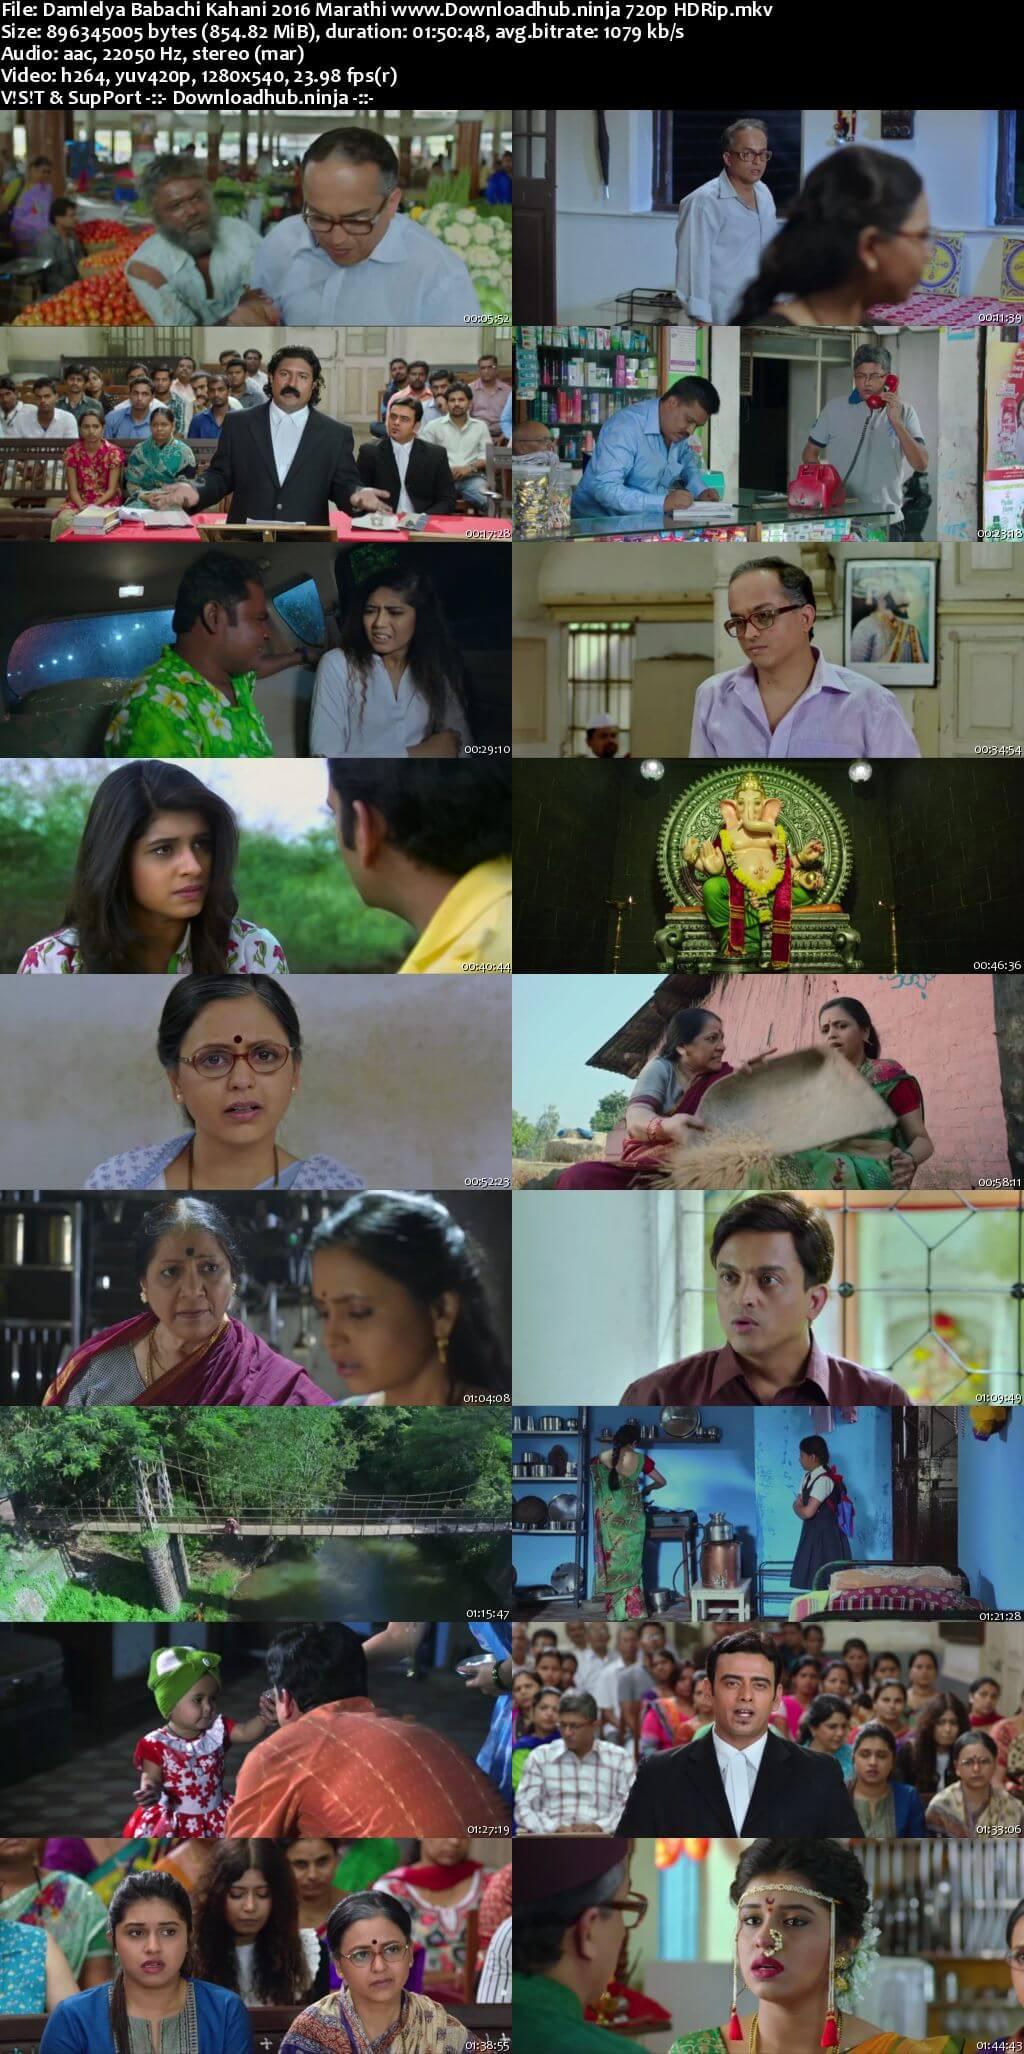 Damlelya Babachi Kahani 2016 Marathi 720p HDRip x264